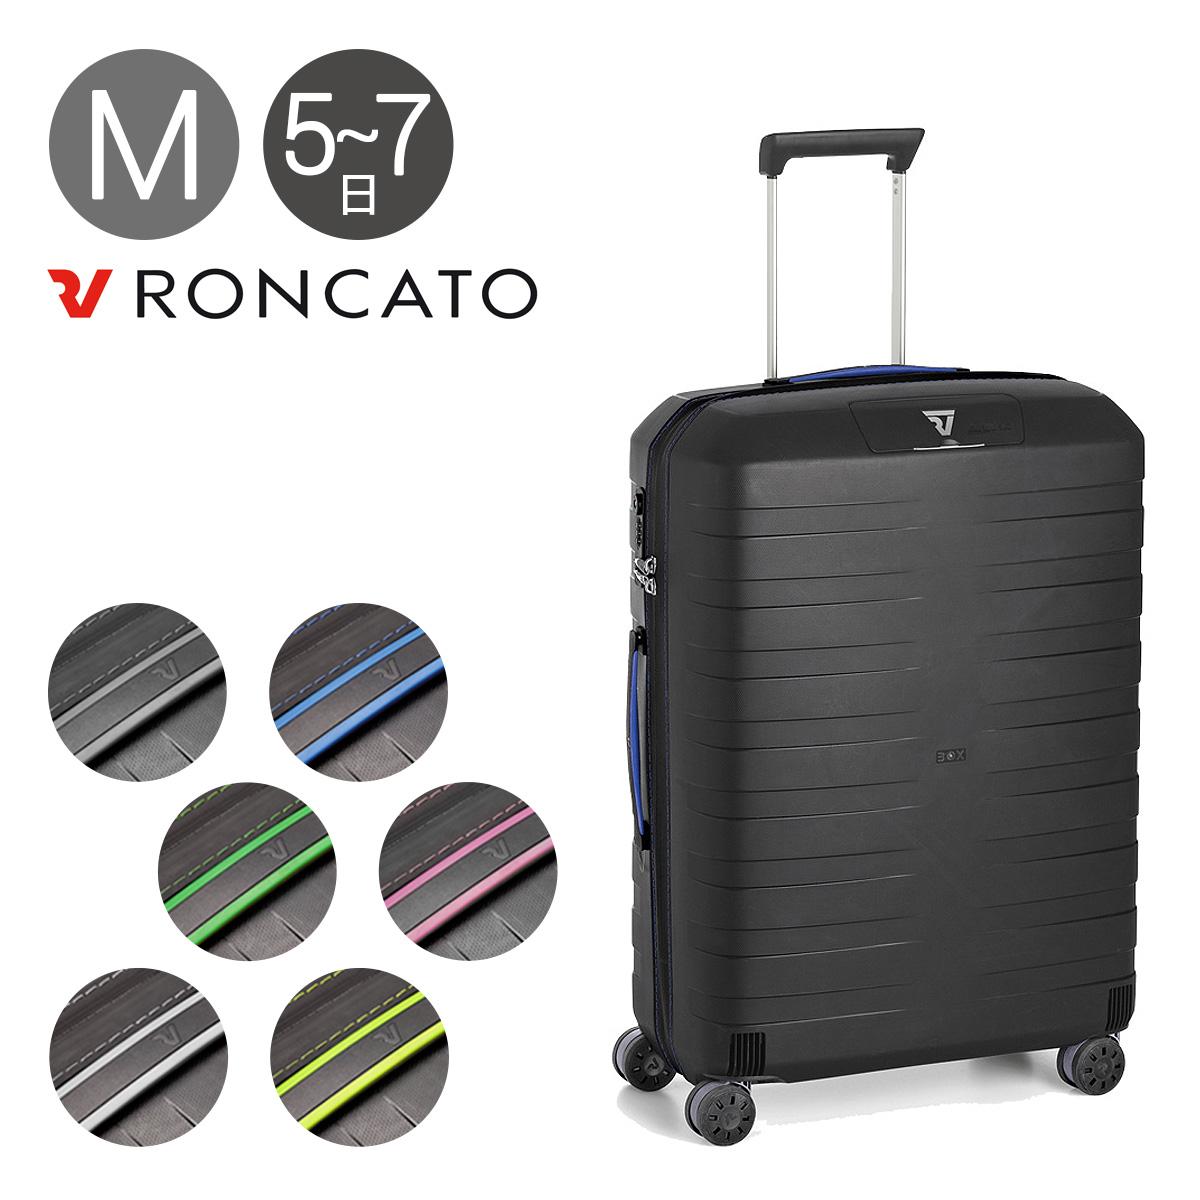 ロンカート RONCATO スーツケース 5512 64cm 【 BOX ボックス 10年保証 】【 キャリーケース キャリーバッグ TSAロック搭載 】[PO10][bef]